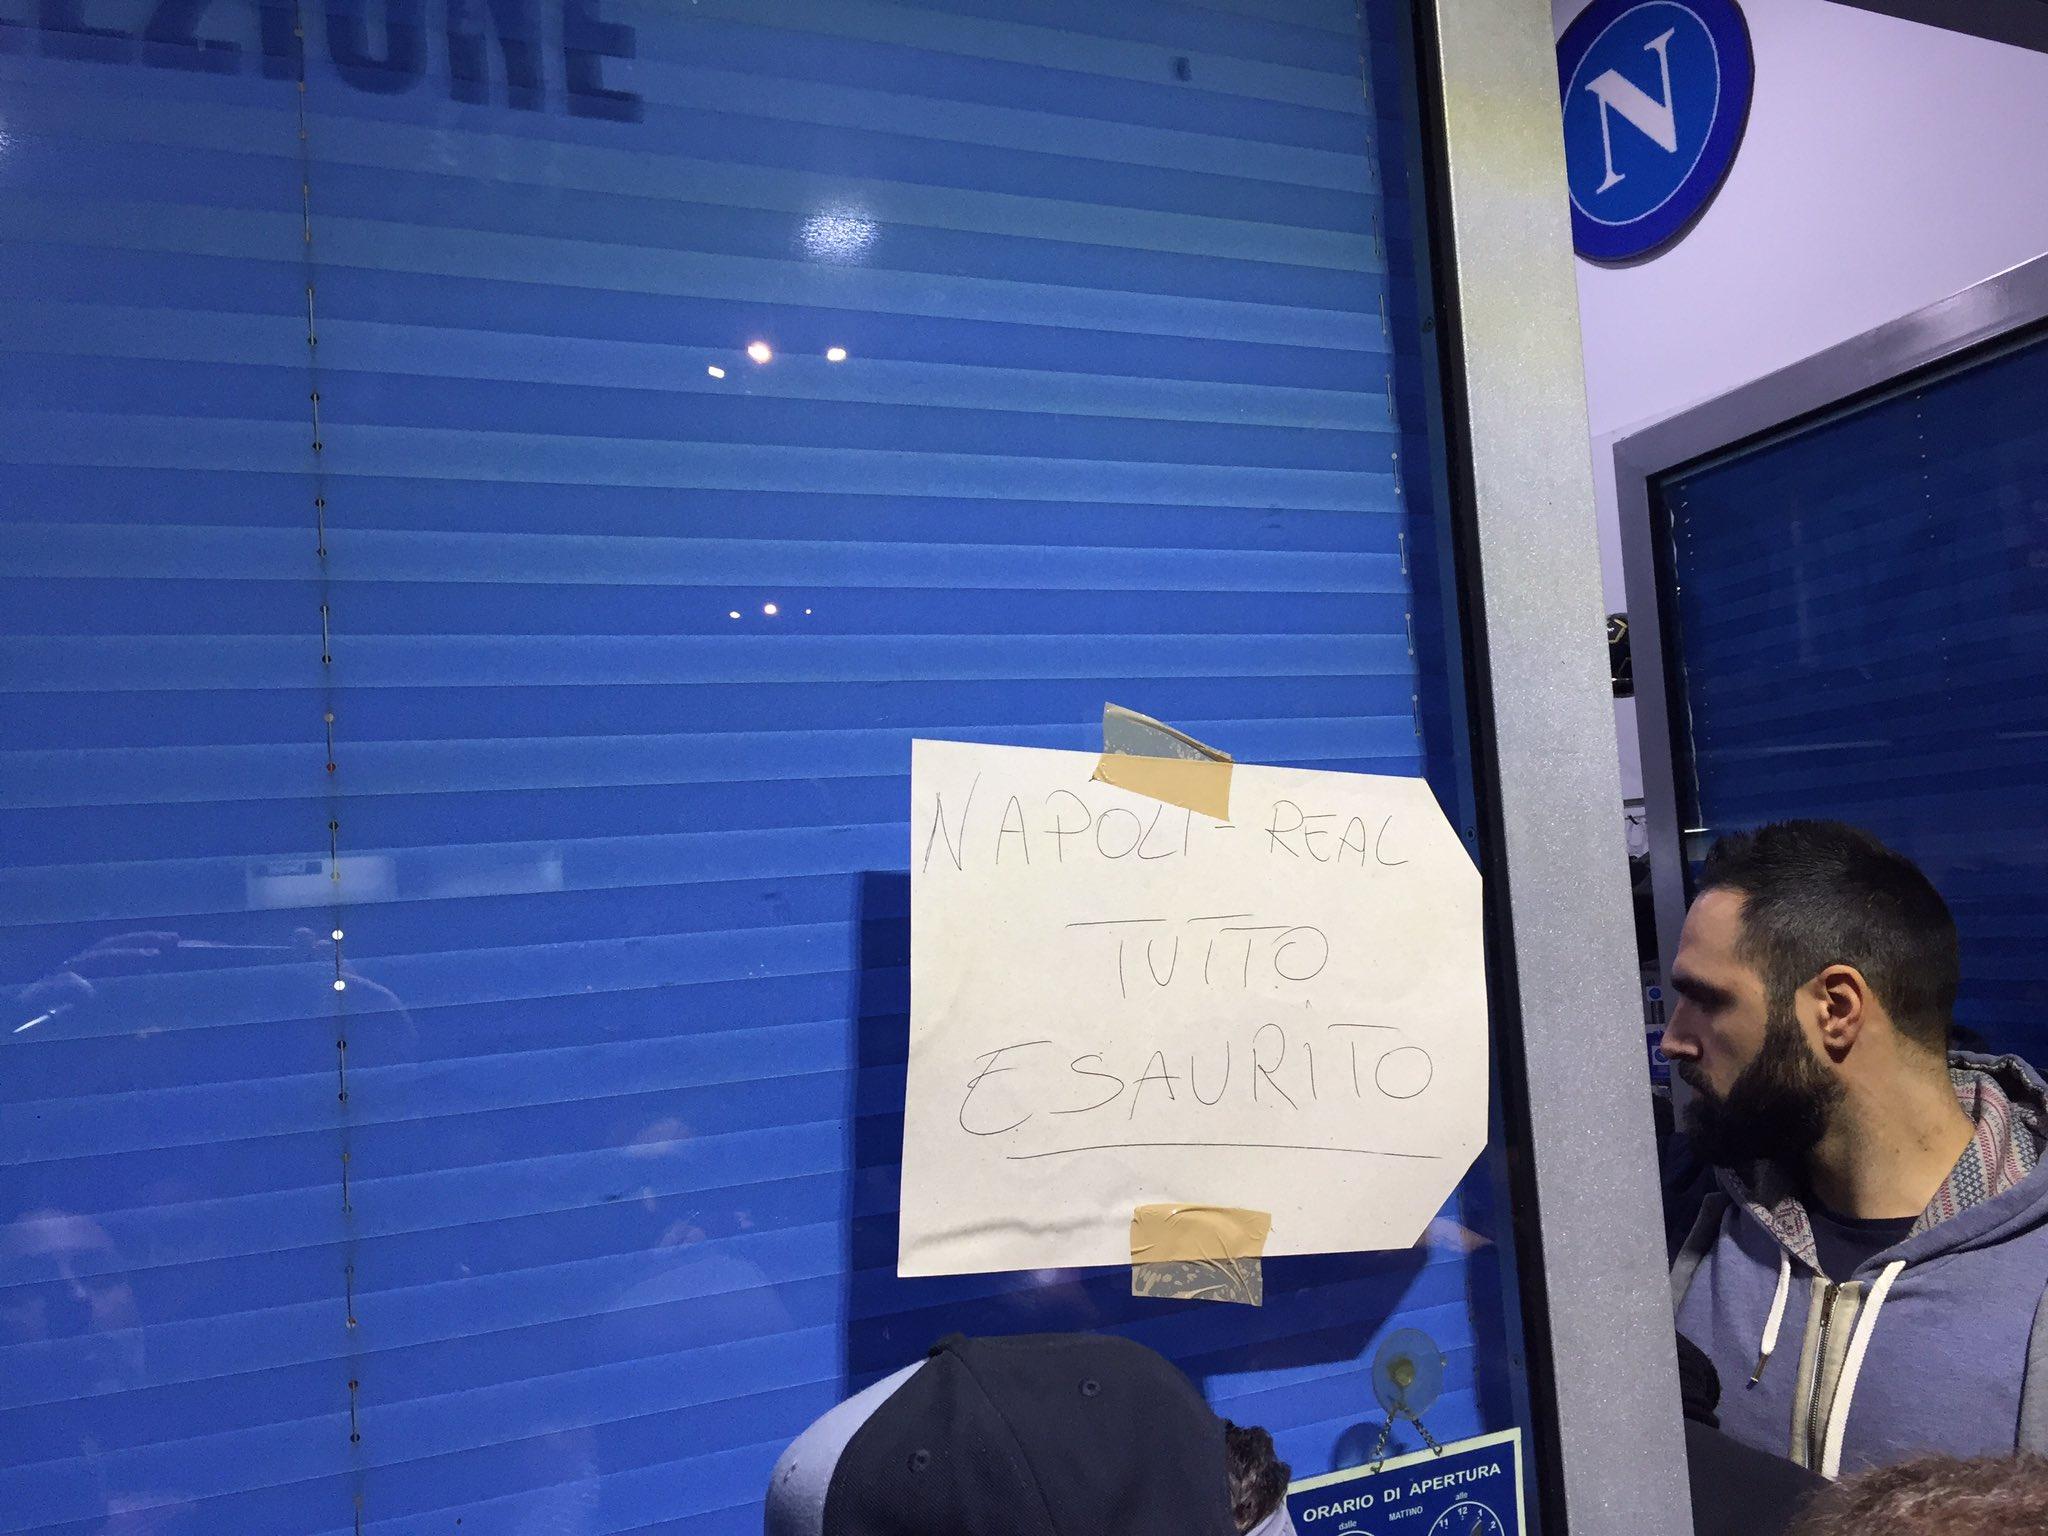 Napoli si è messa in fila. Due giorni e tutto esaurito per il Real Madrid